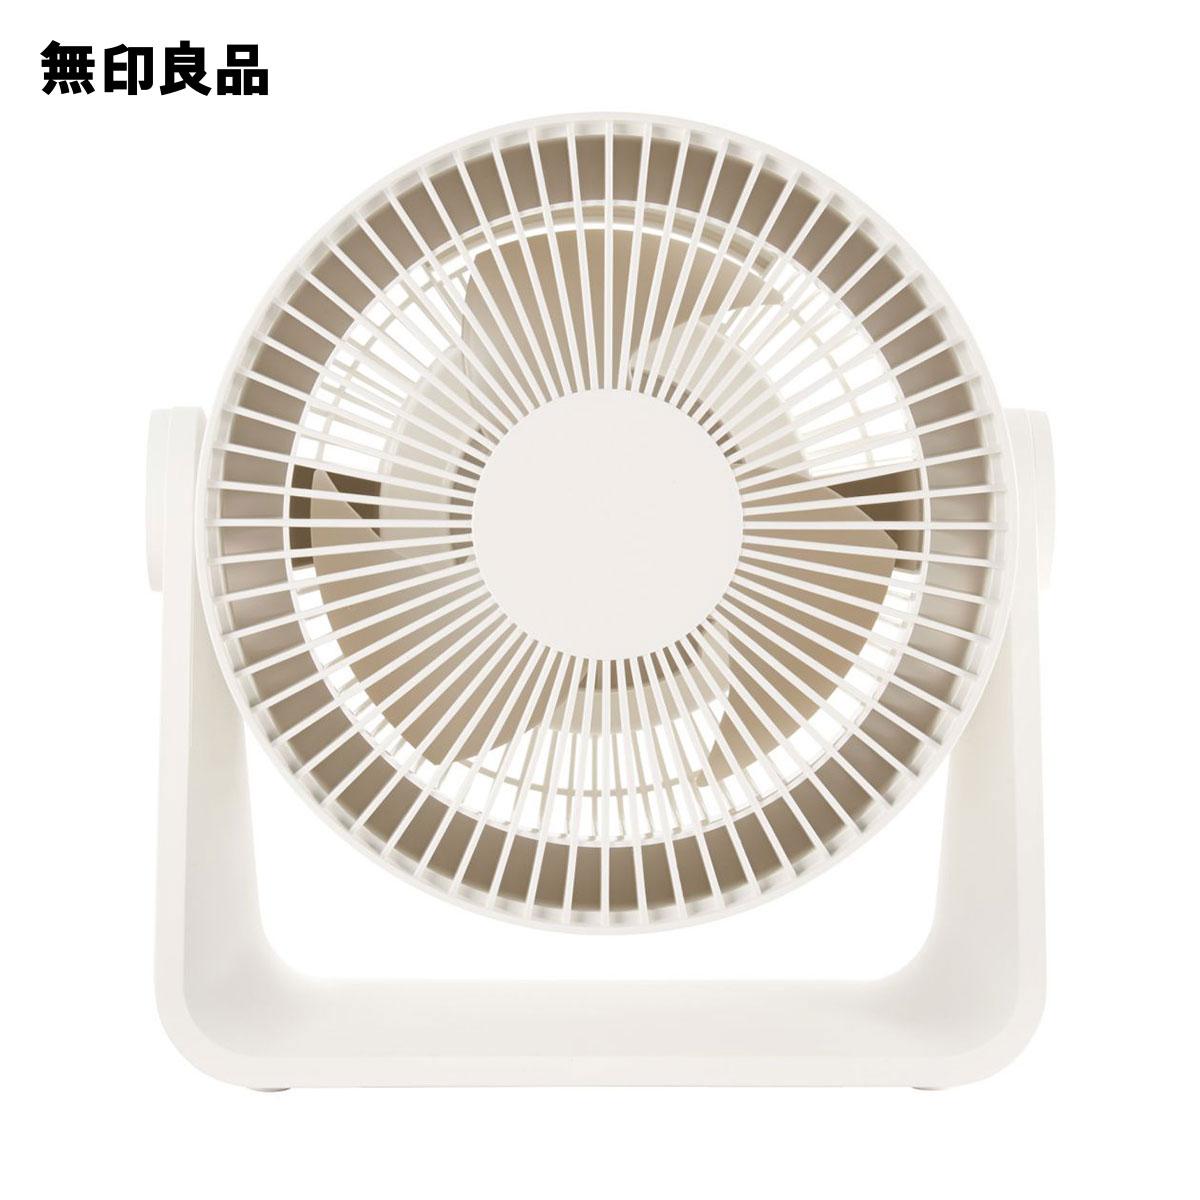 【無印良品 公式】 サーキュレーター(低騒音ファン)・ホワイト